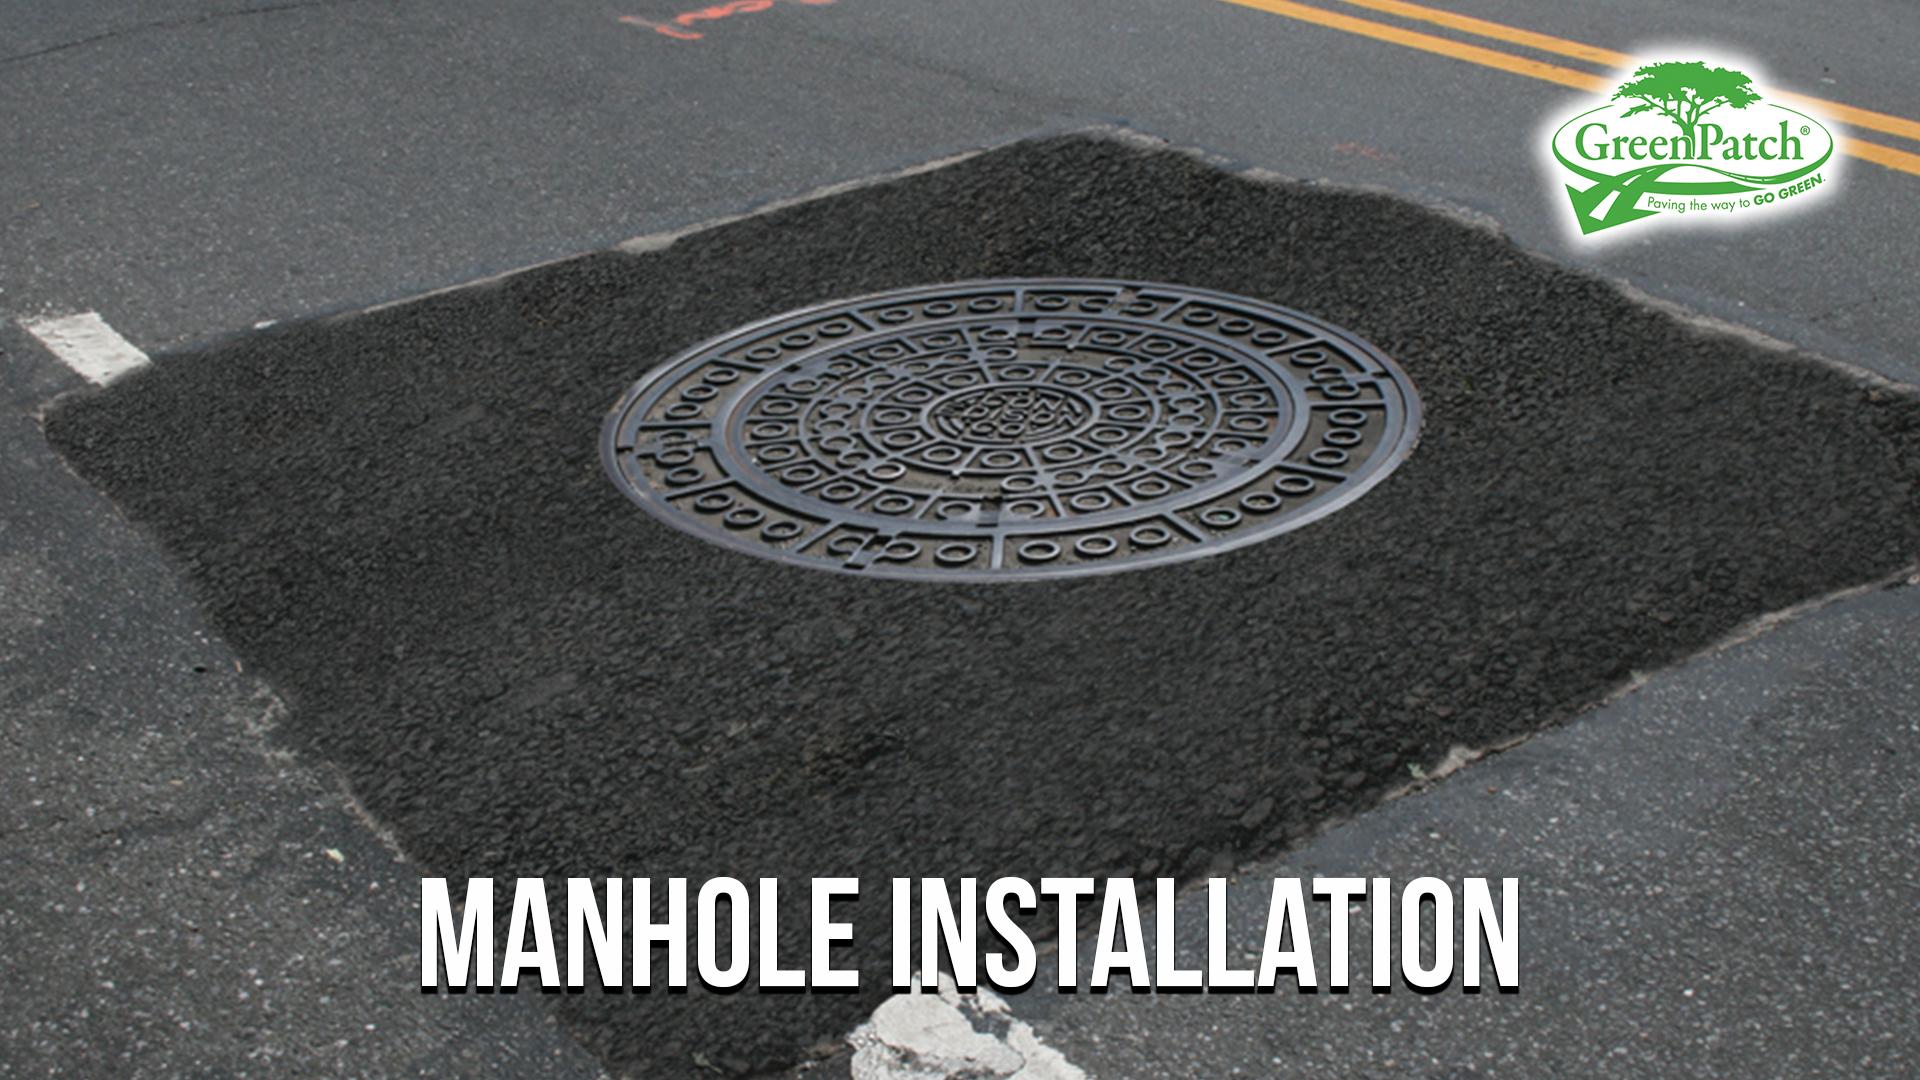 manhole installation.jpg